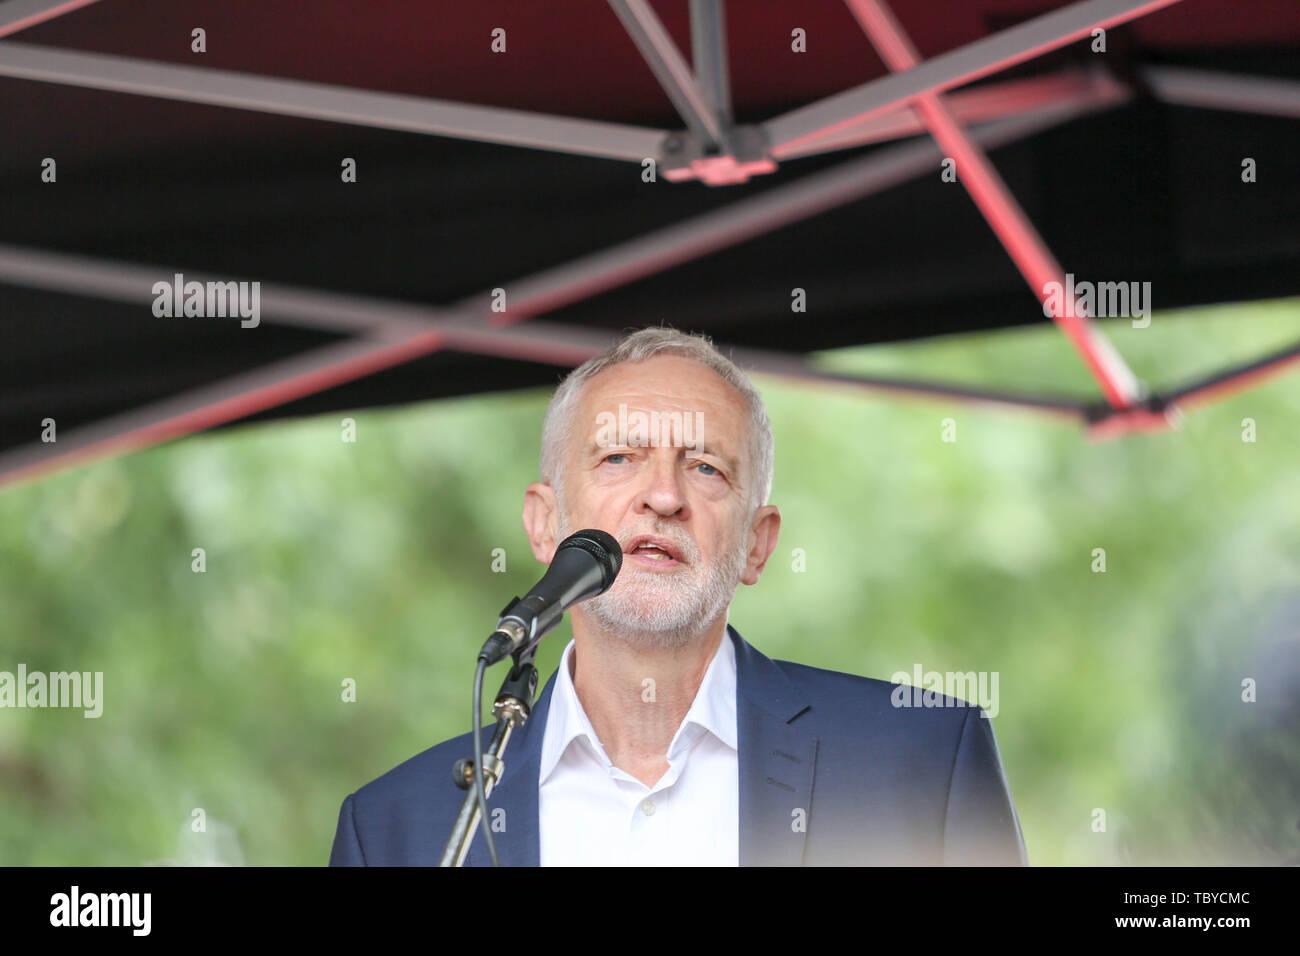 Whitehall, Londres, Royaume-Uni. 4 juin, 2019. Jeremy Corbyn chef du parti parle à un rassemblement contre la visite d'état de Donald Trump. Penelope Barritt/Alamy Live News Banque D'Images